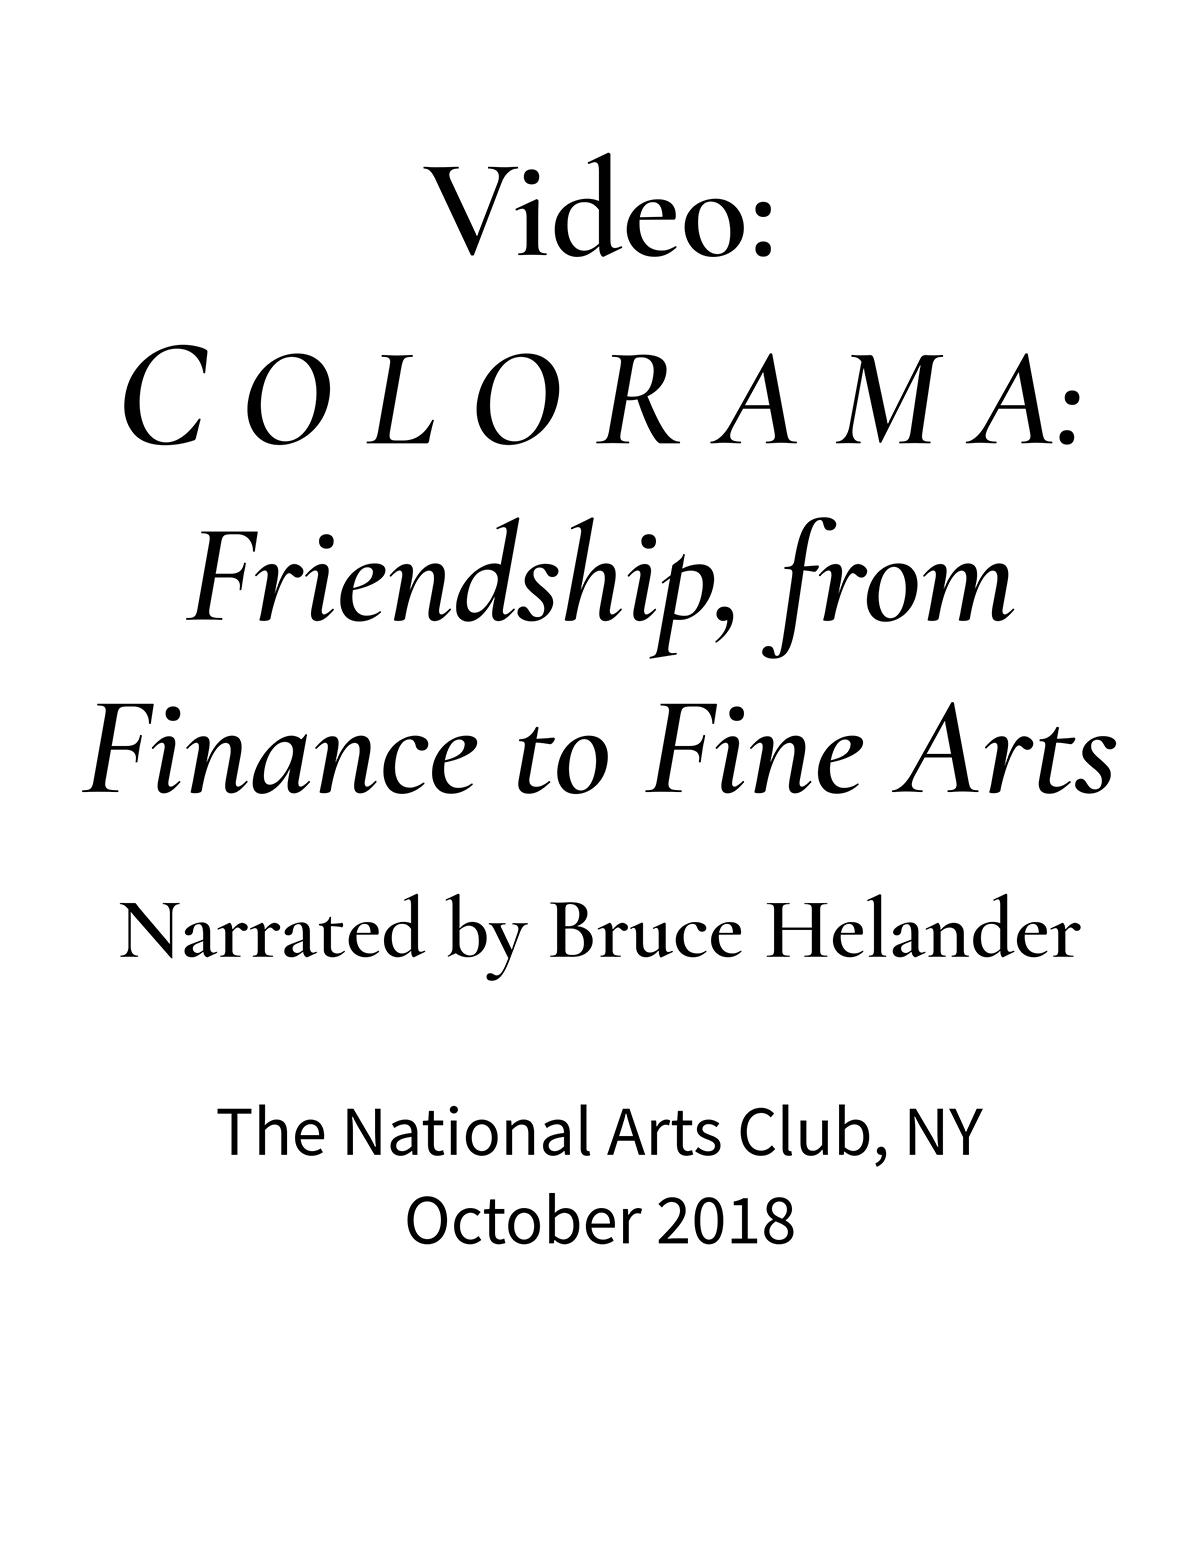 The National Arts Club | C O L O R A M A